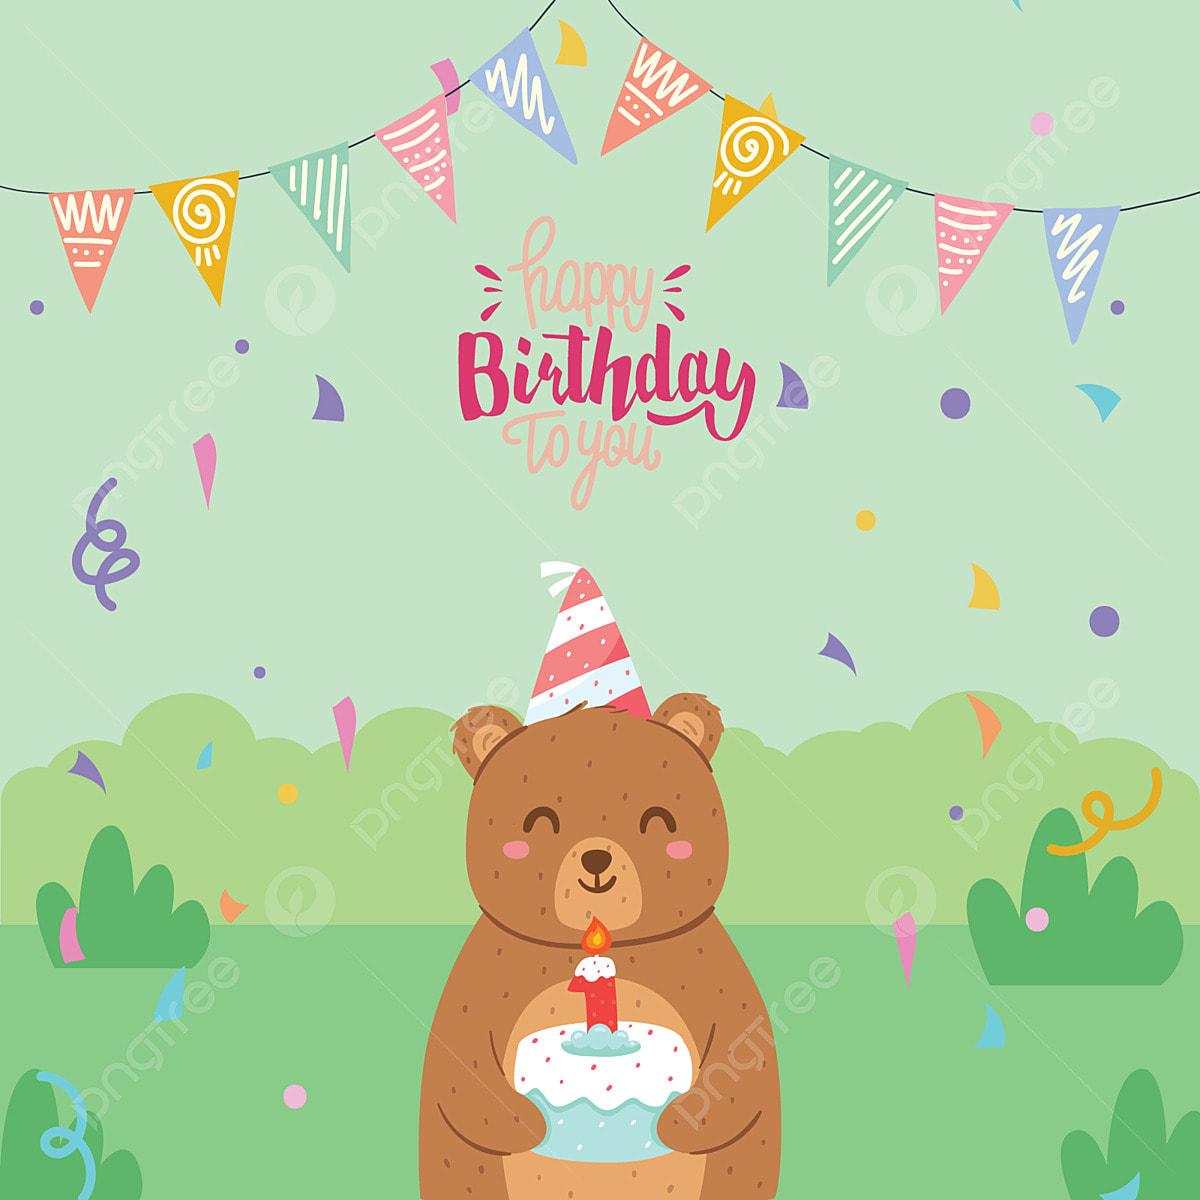 пожелание с днем рождения медведя она мастерски